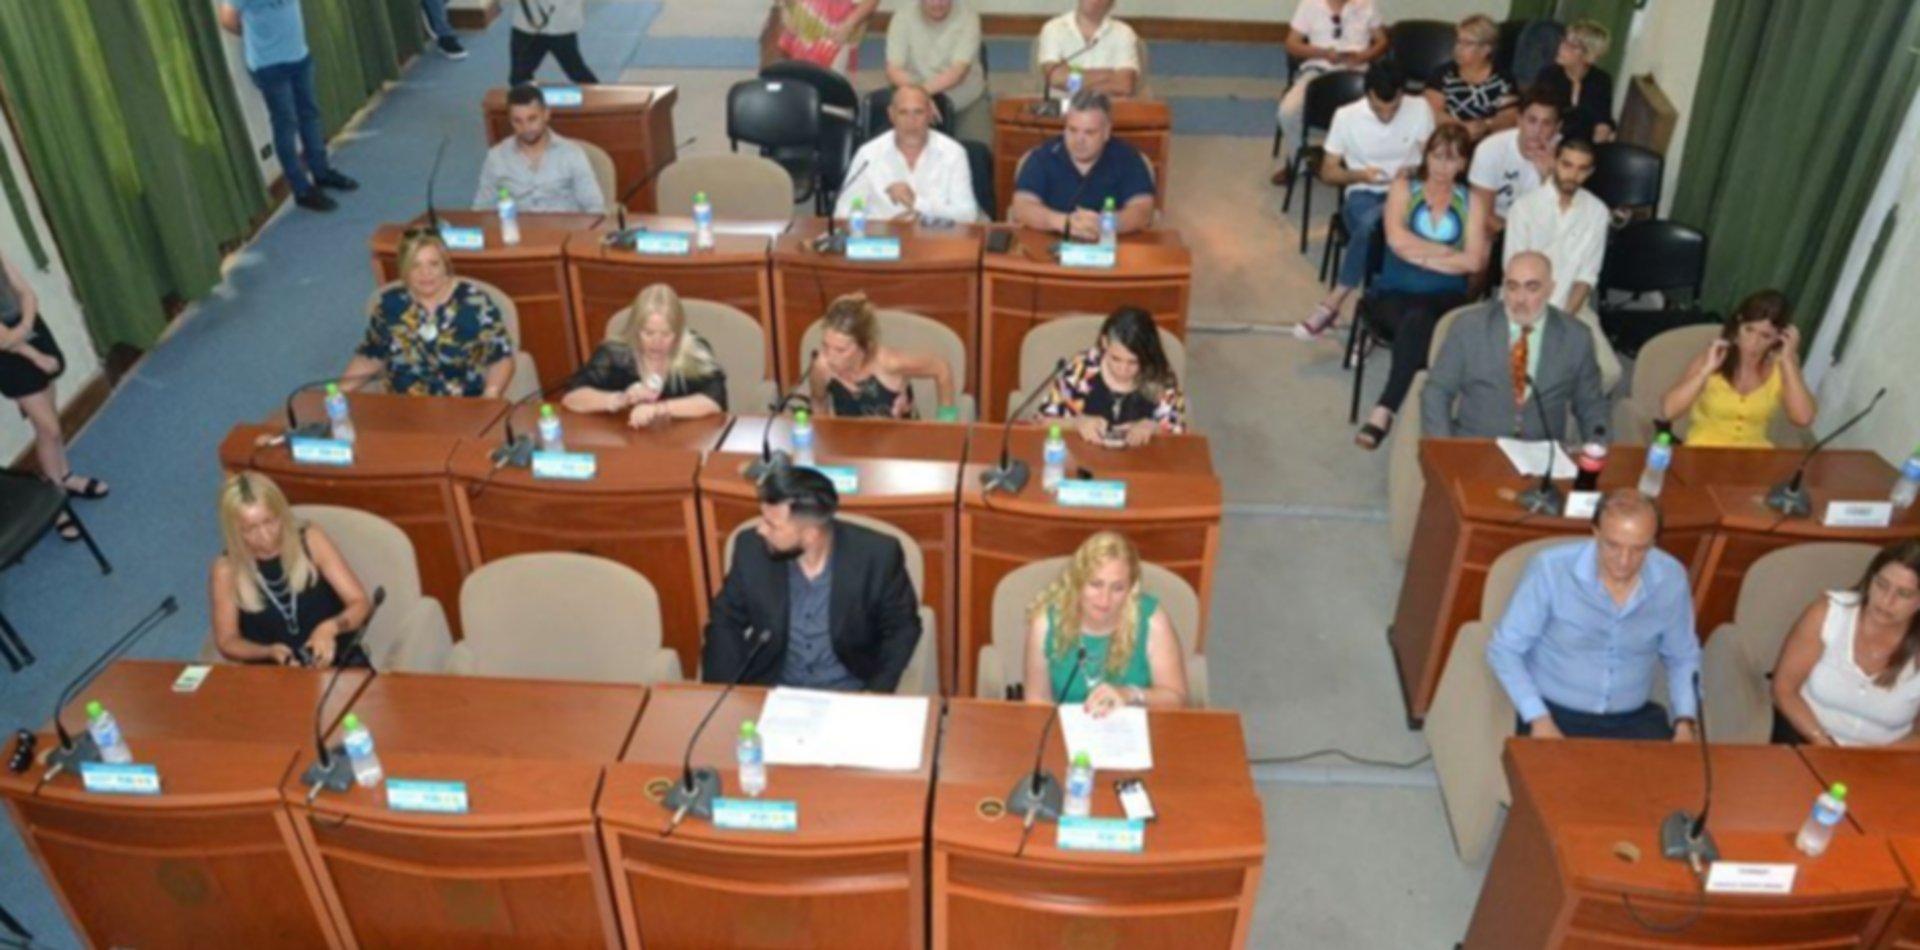 Detectaron un caso de coronavirus en el Concejo Deliberante de Ensenada